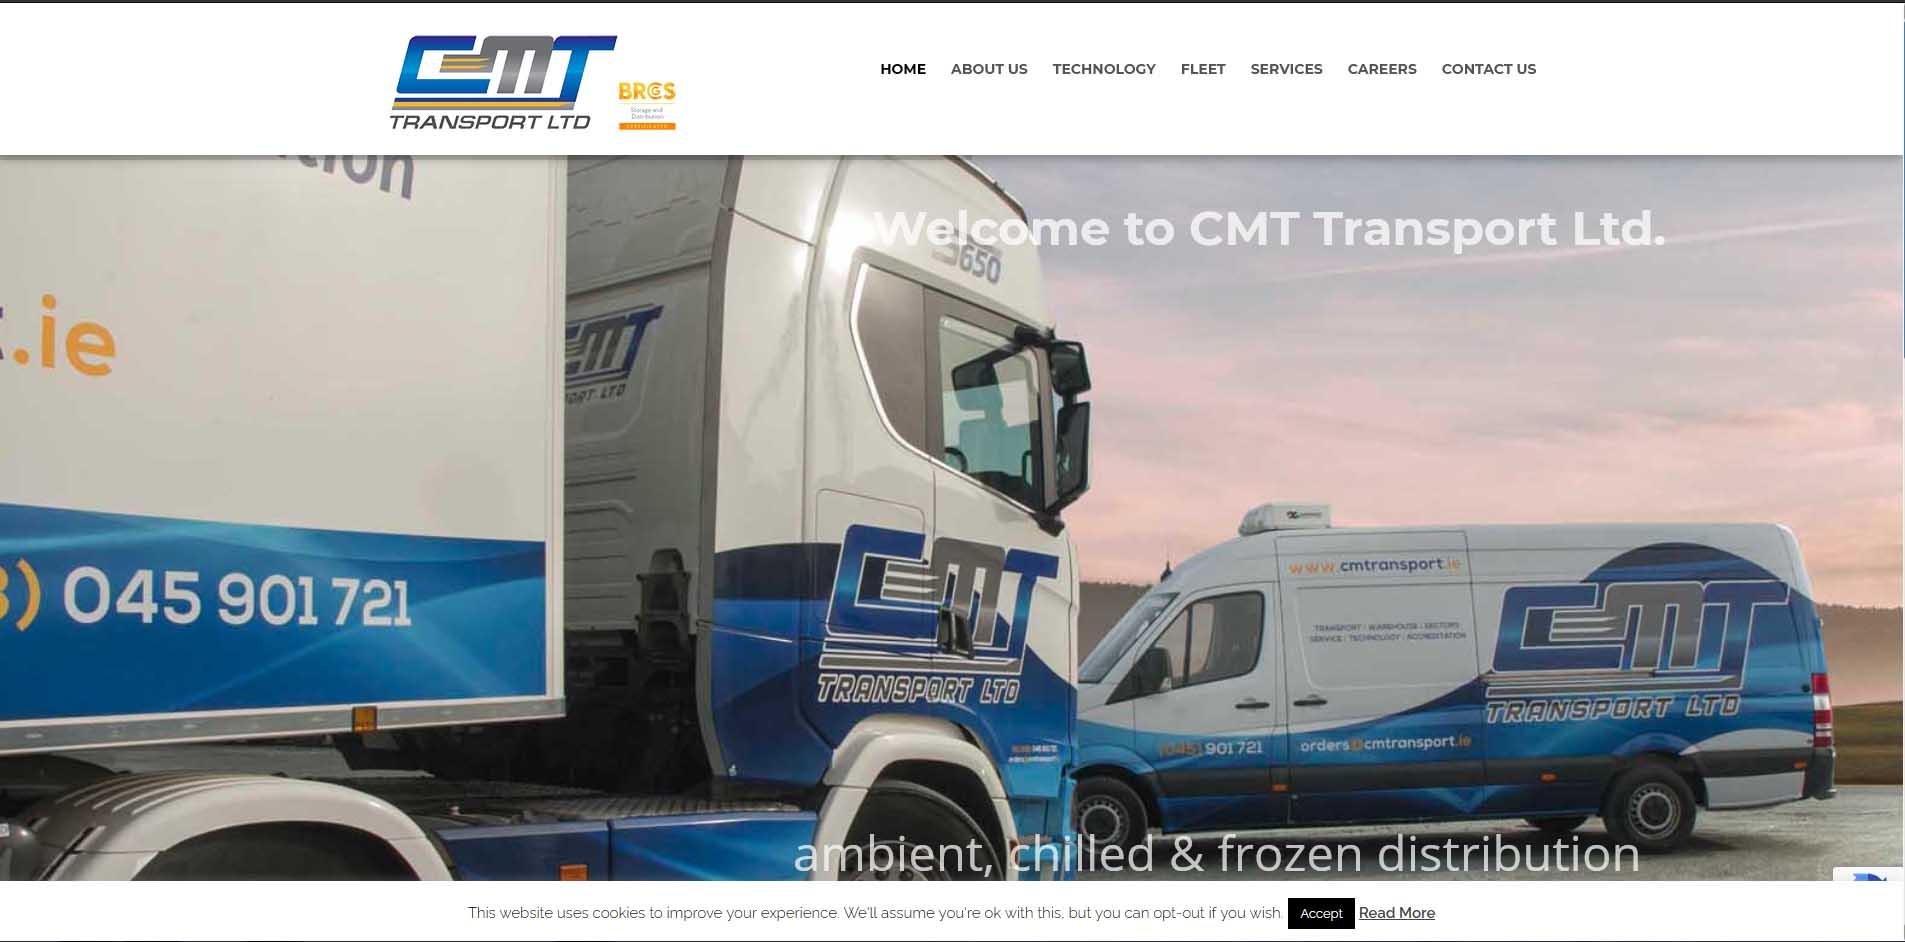 cm transport website image